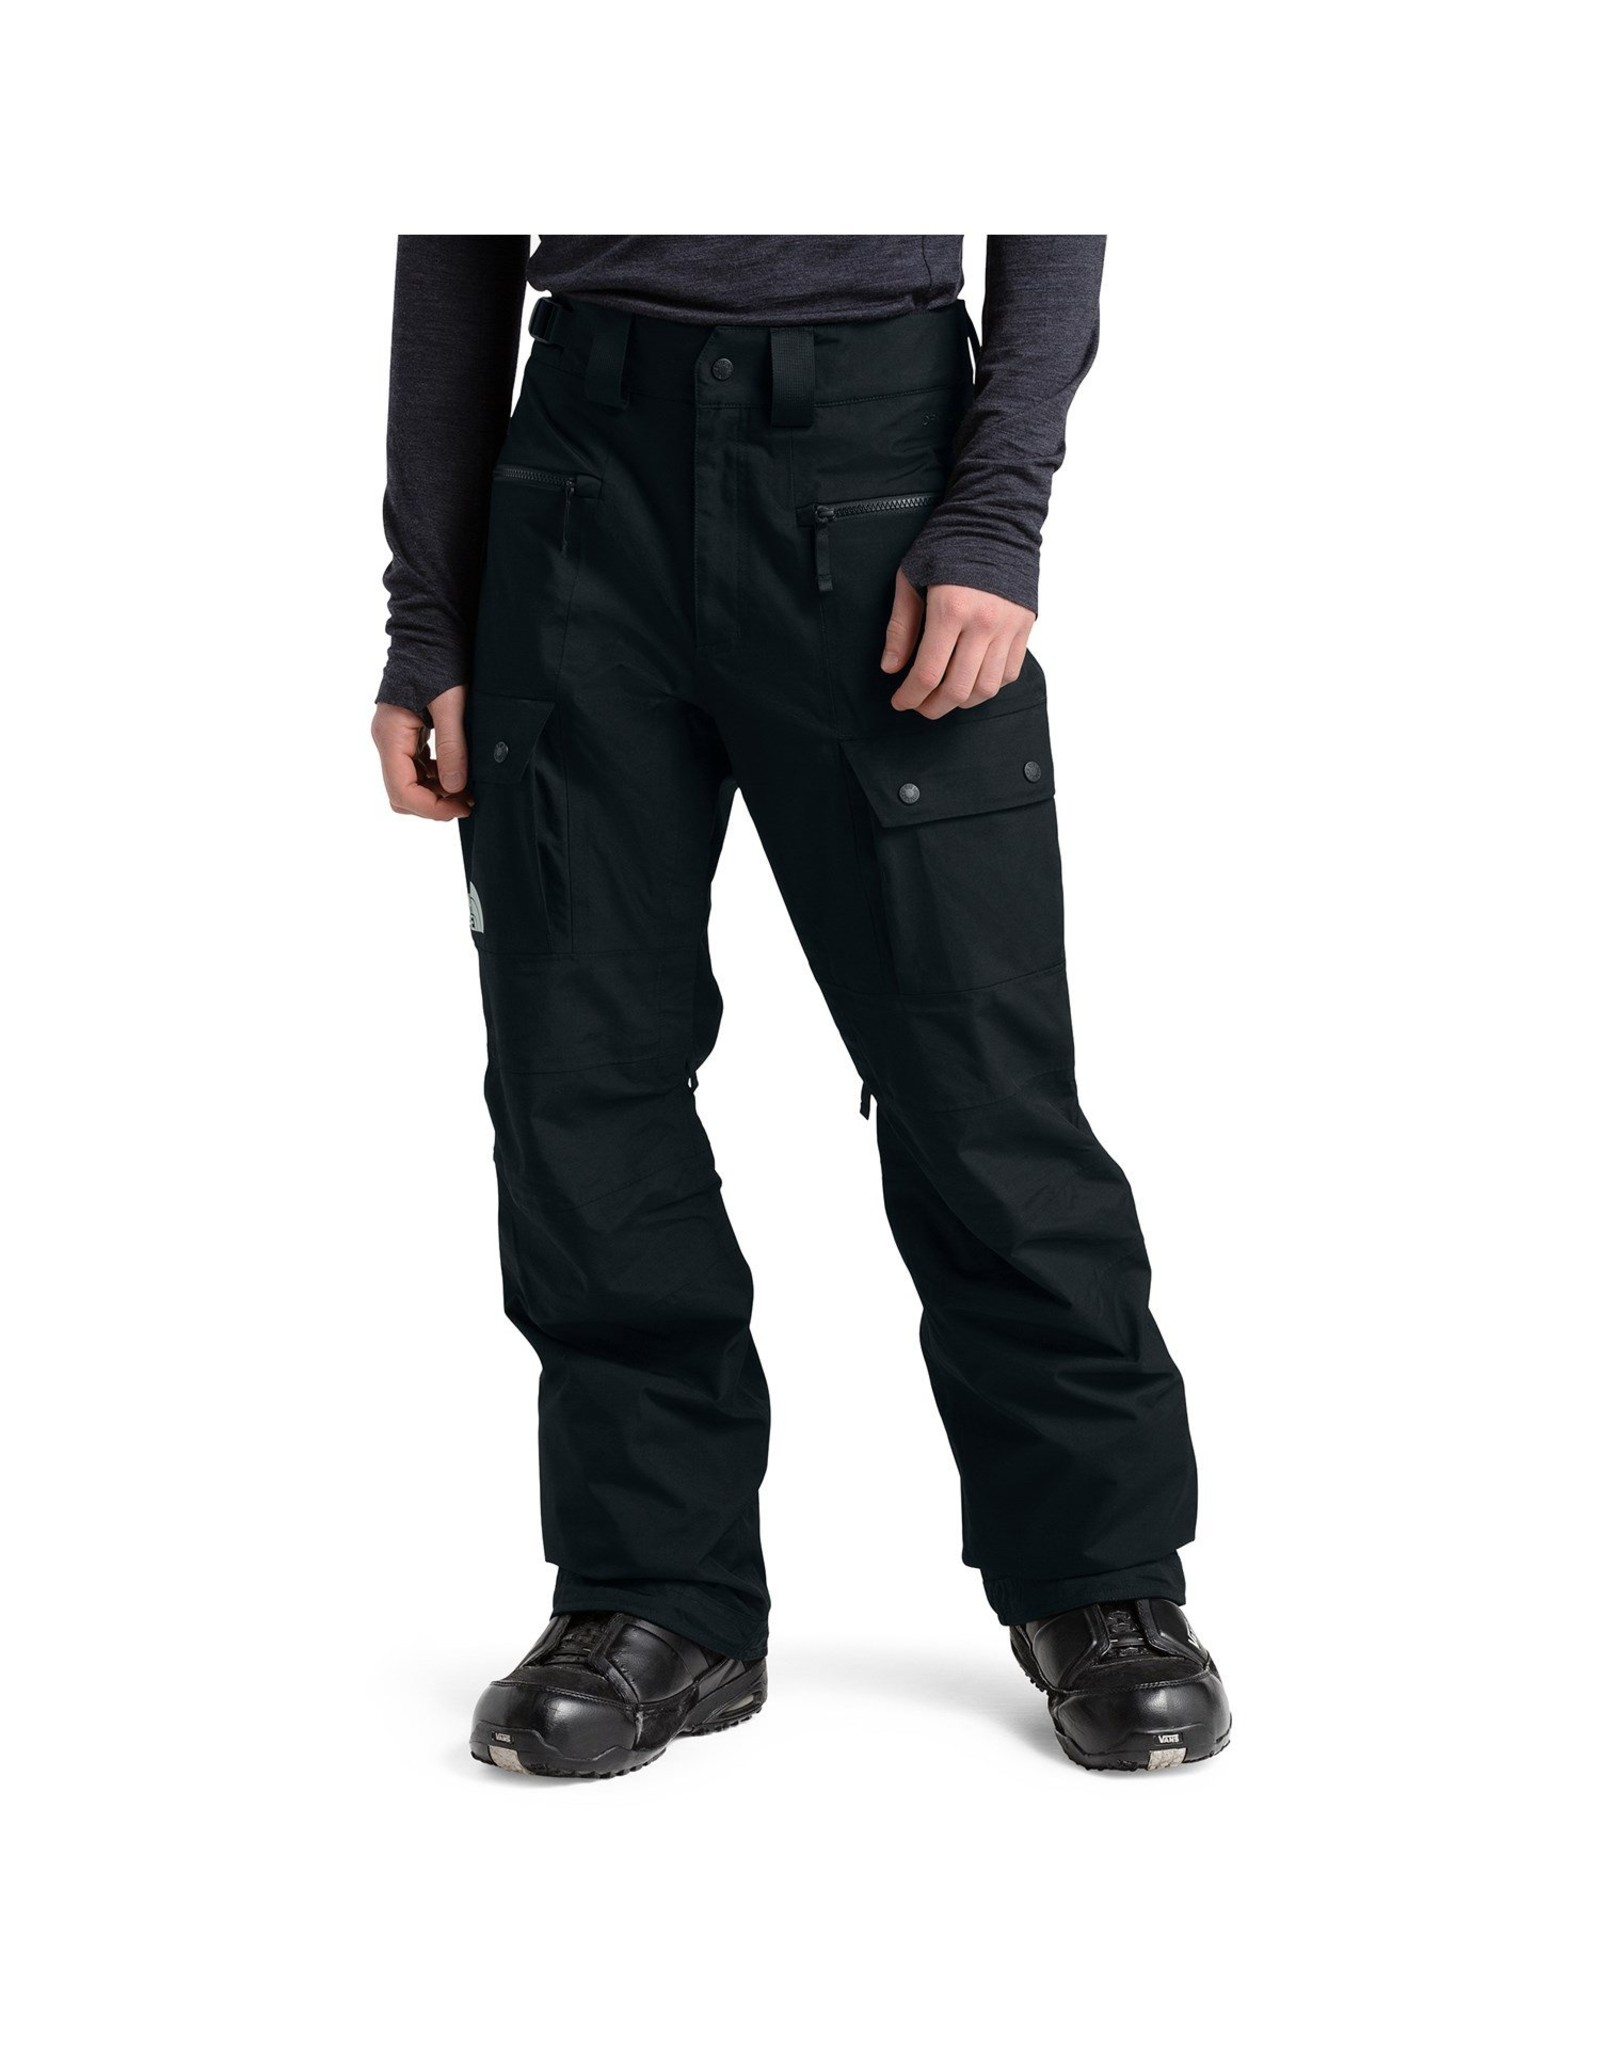 The North Face Slashback Cargo Pant